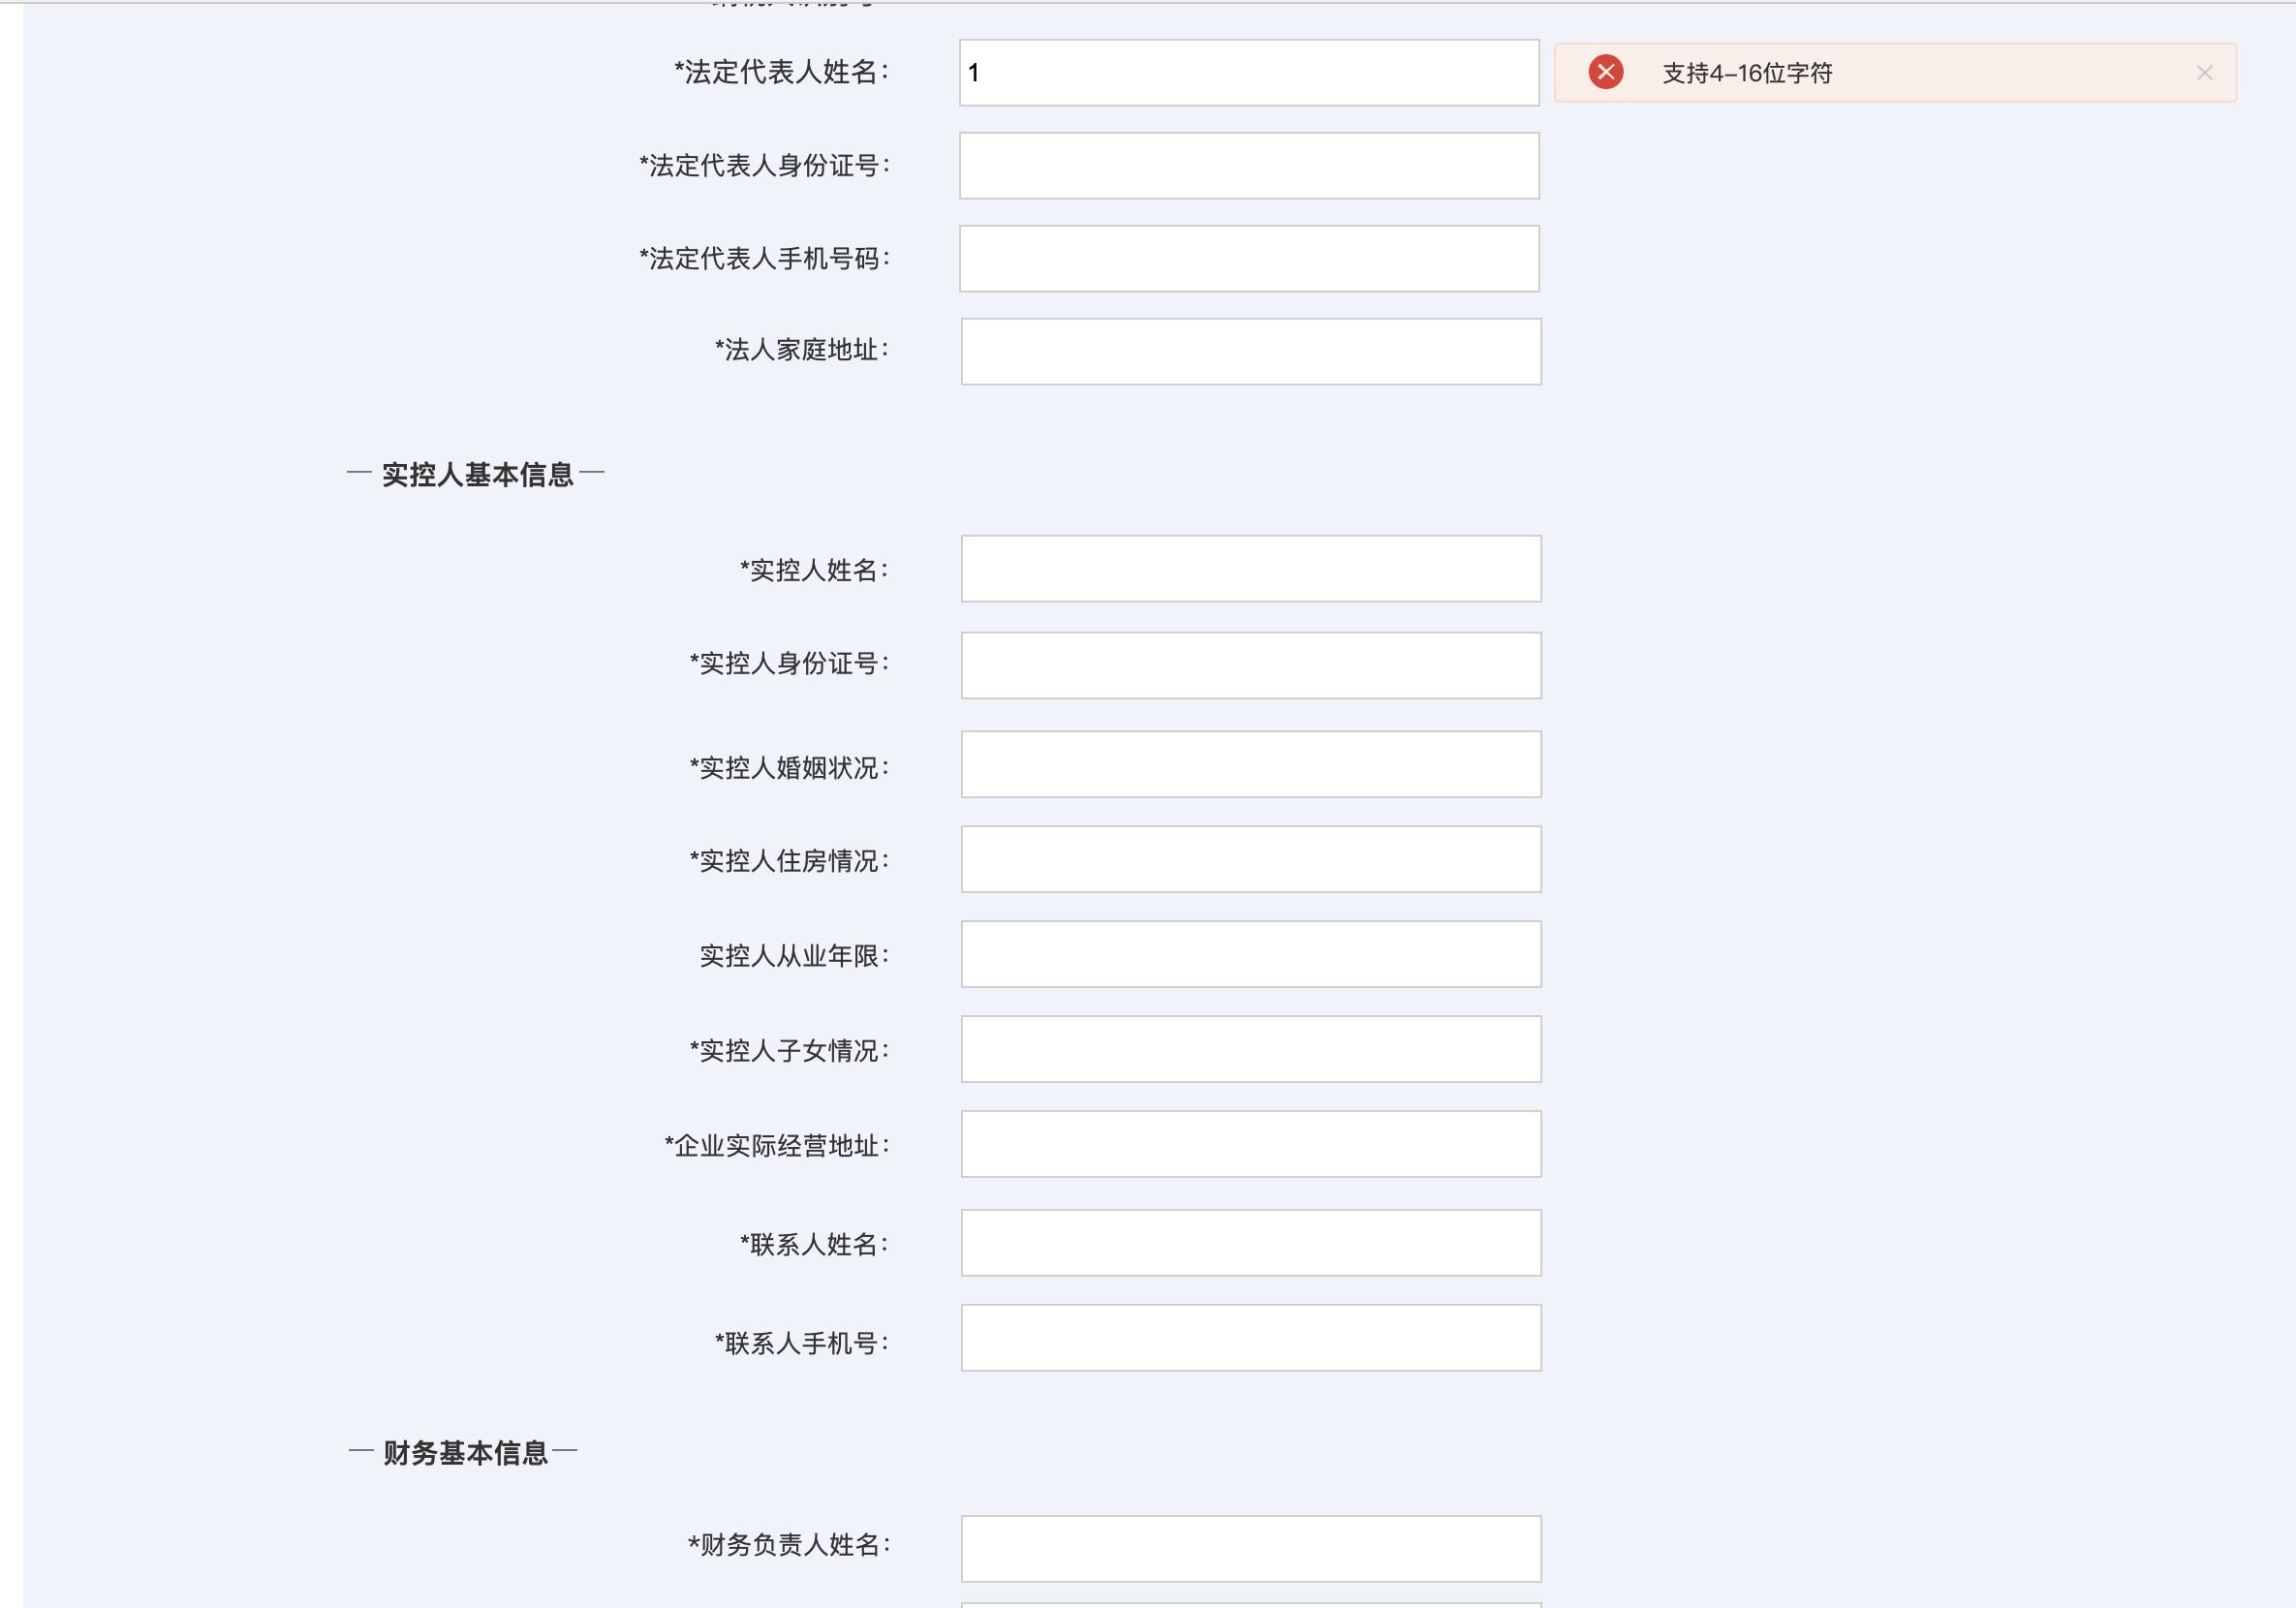 贷款申请列表页2